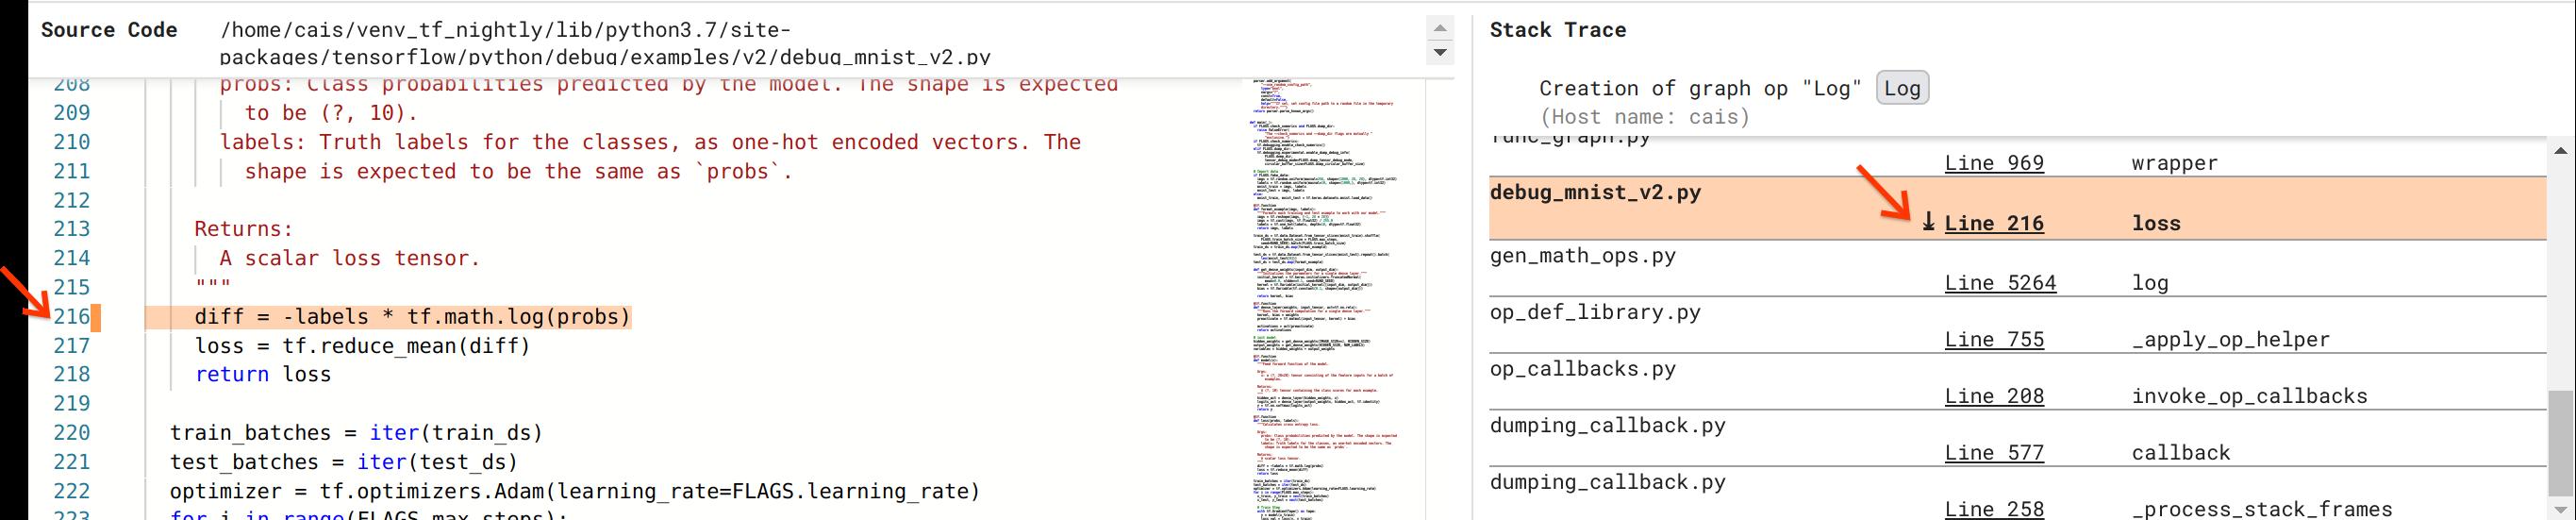 Hata ayıklayıcı V2: Kaynak kodu ve yığın izleme